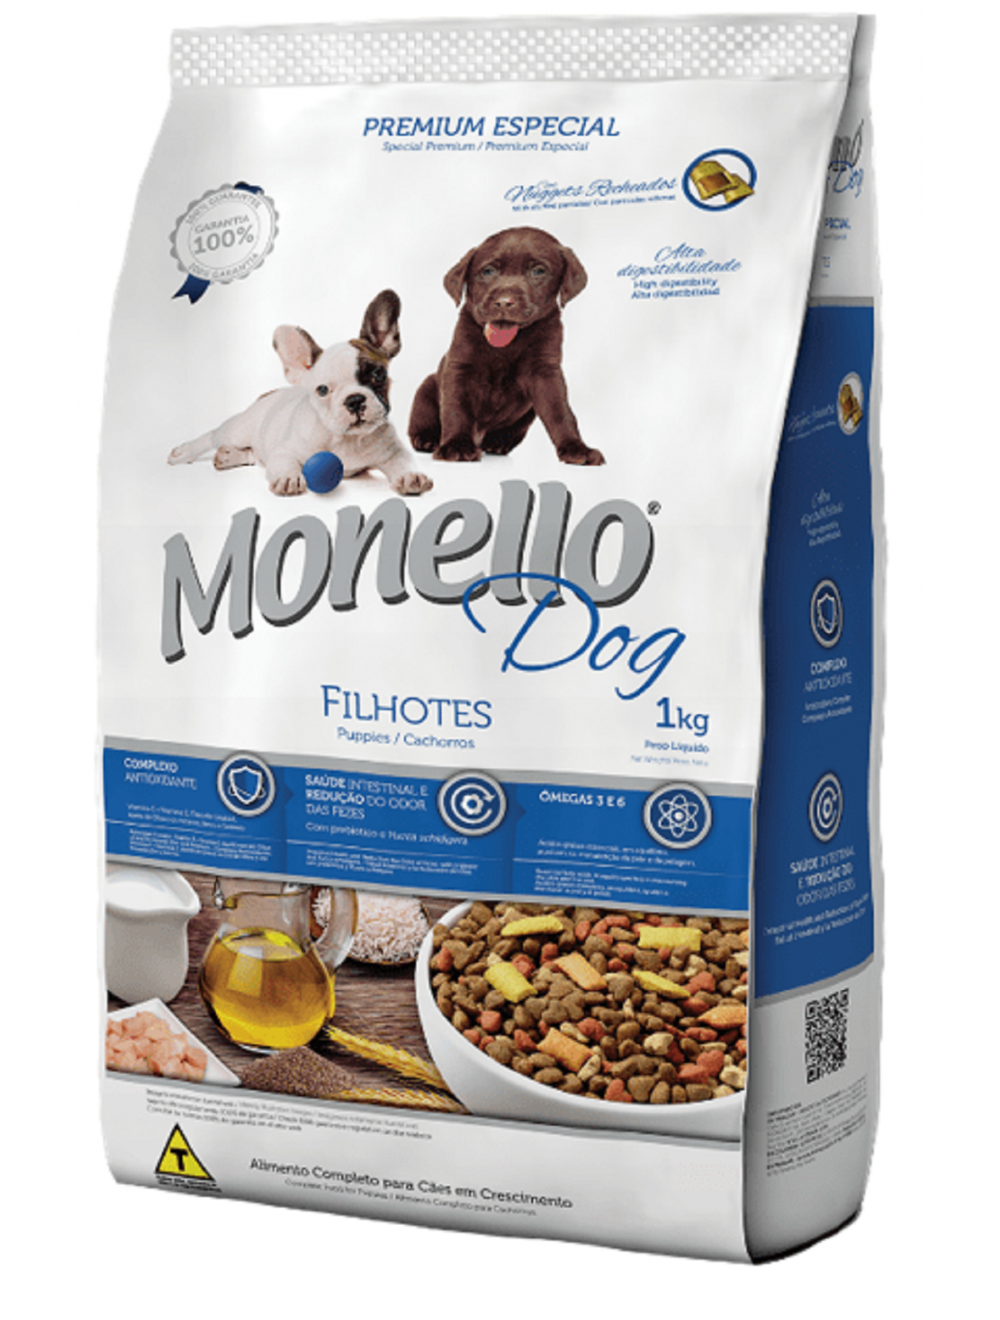 Monello Dog Puppy 25 kg